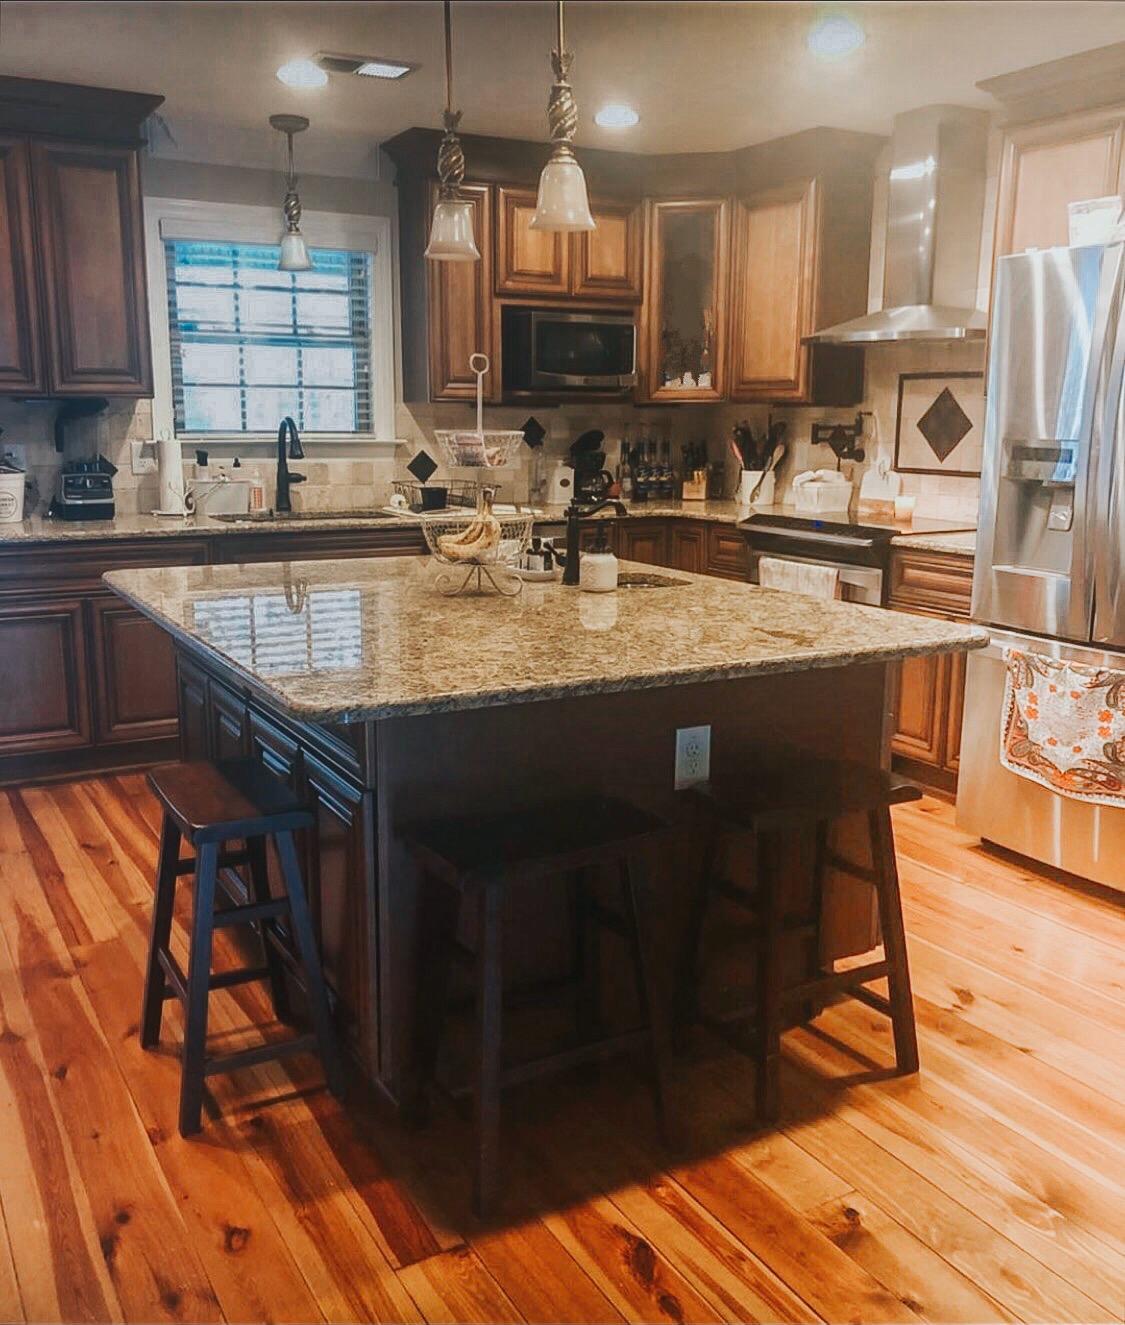 diy white kitchen, Annie Sloan chalk paint, annie sloan kitchen cabinets, diy kitchen redo, diy kitchen cabinets, how to paint kitchen cabinets